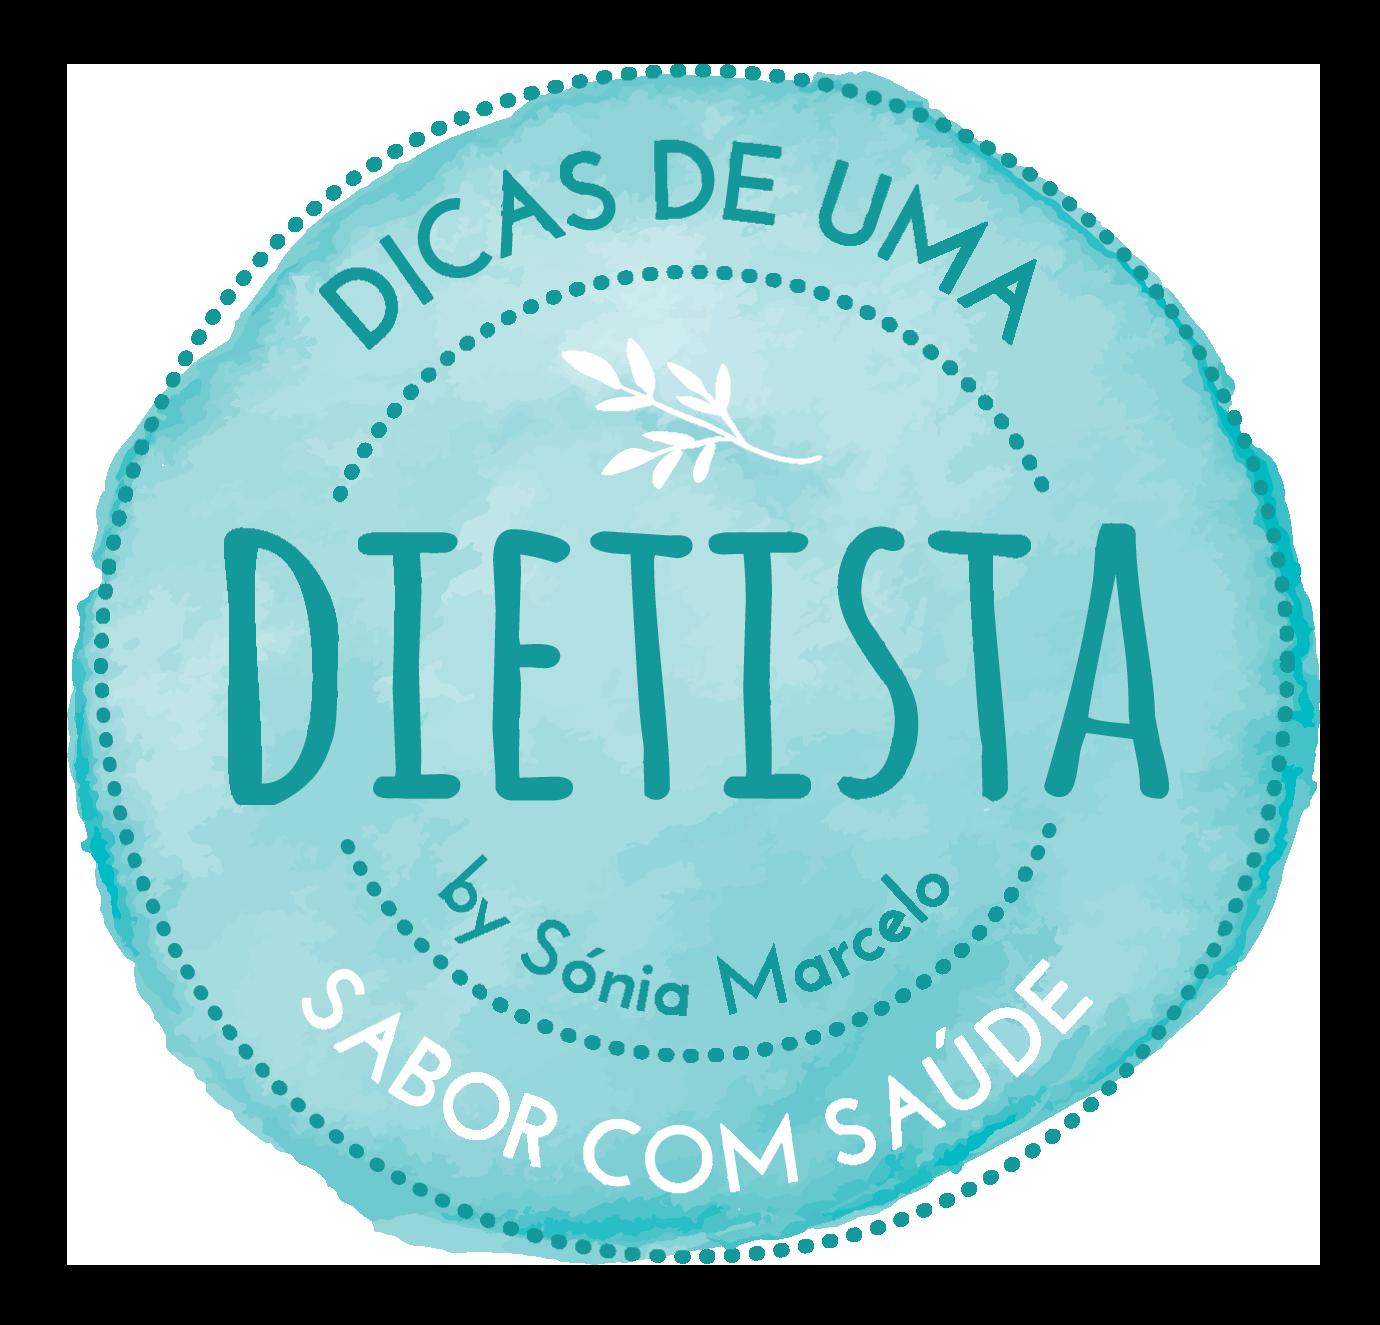 logo dietista